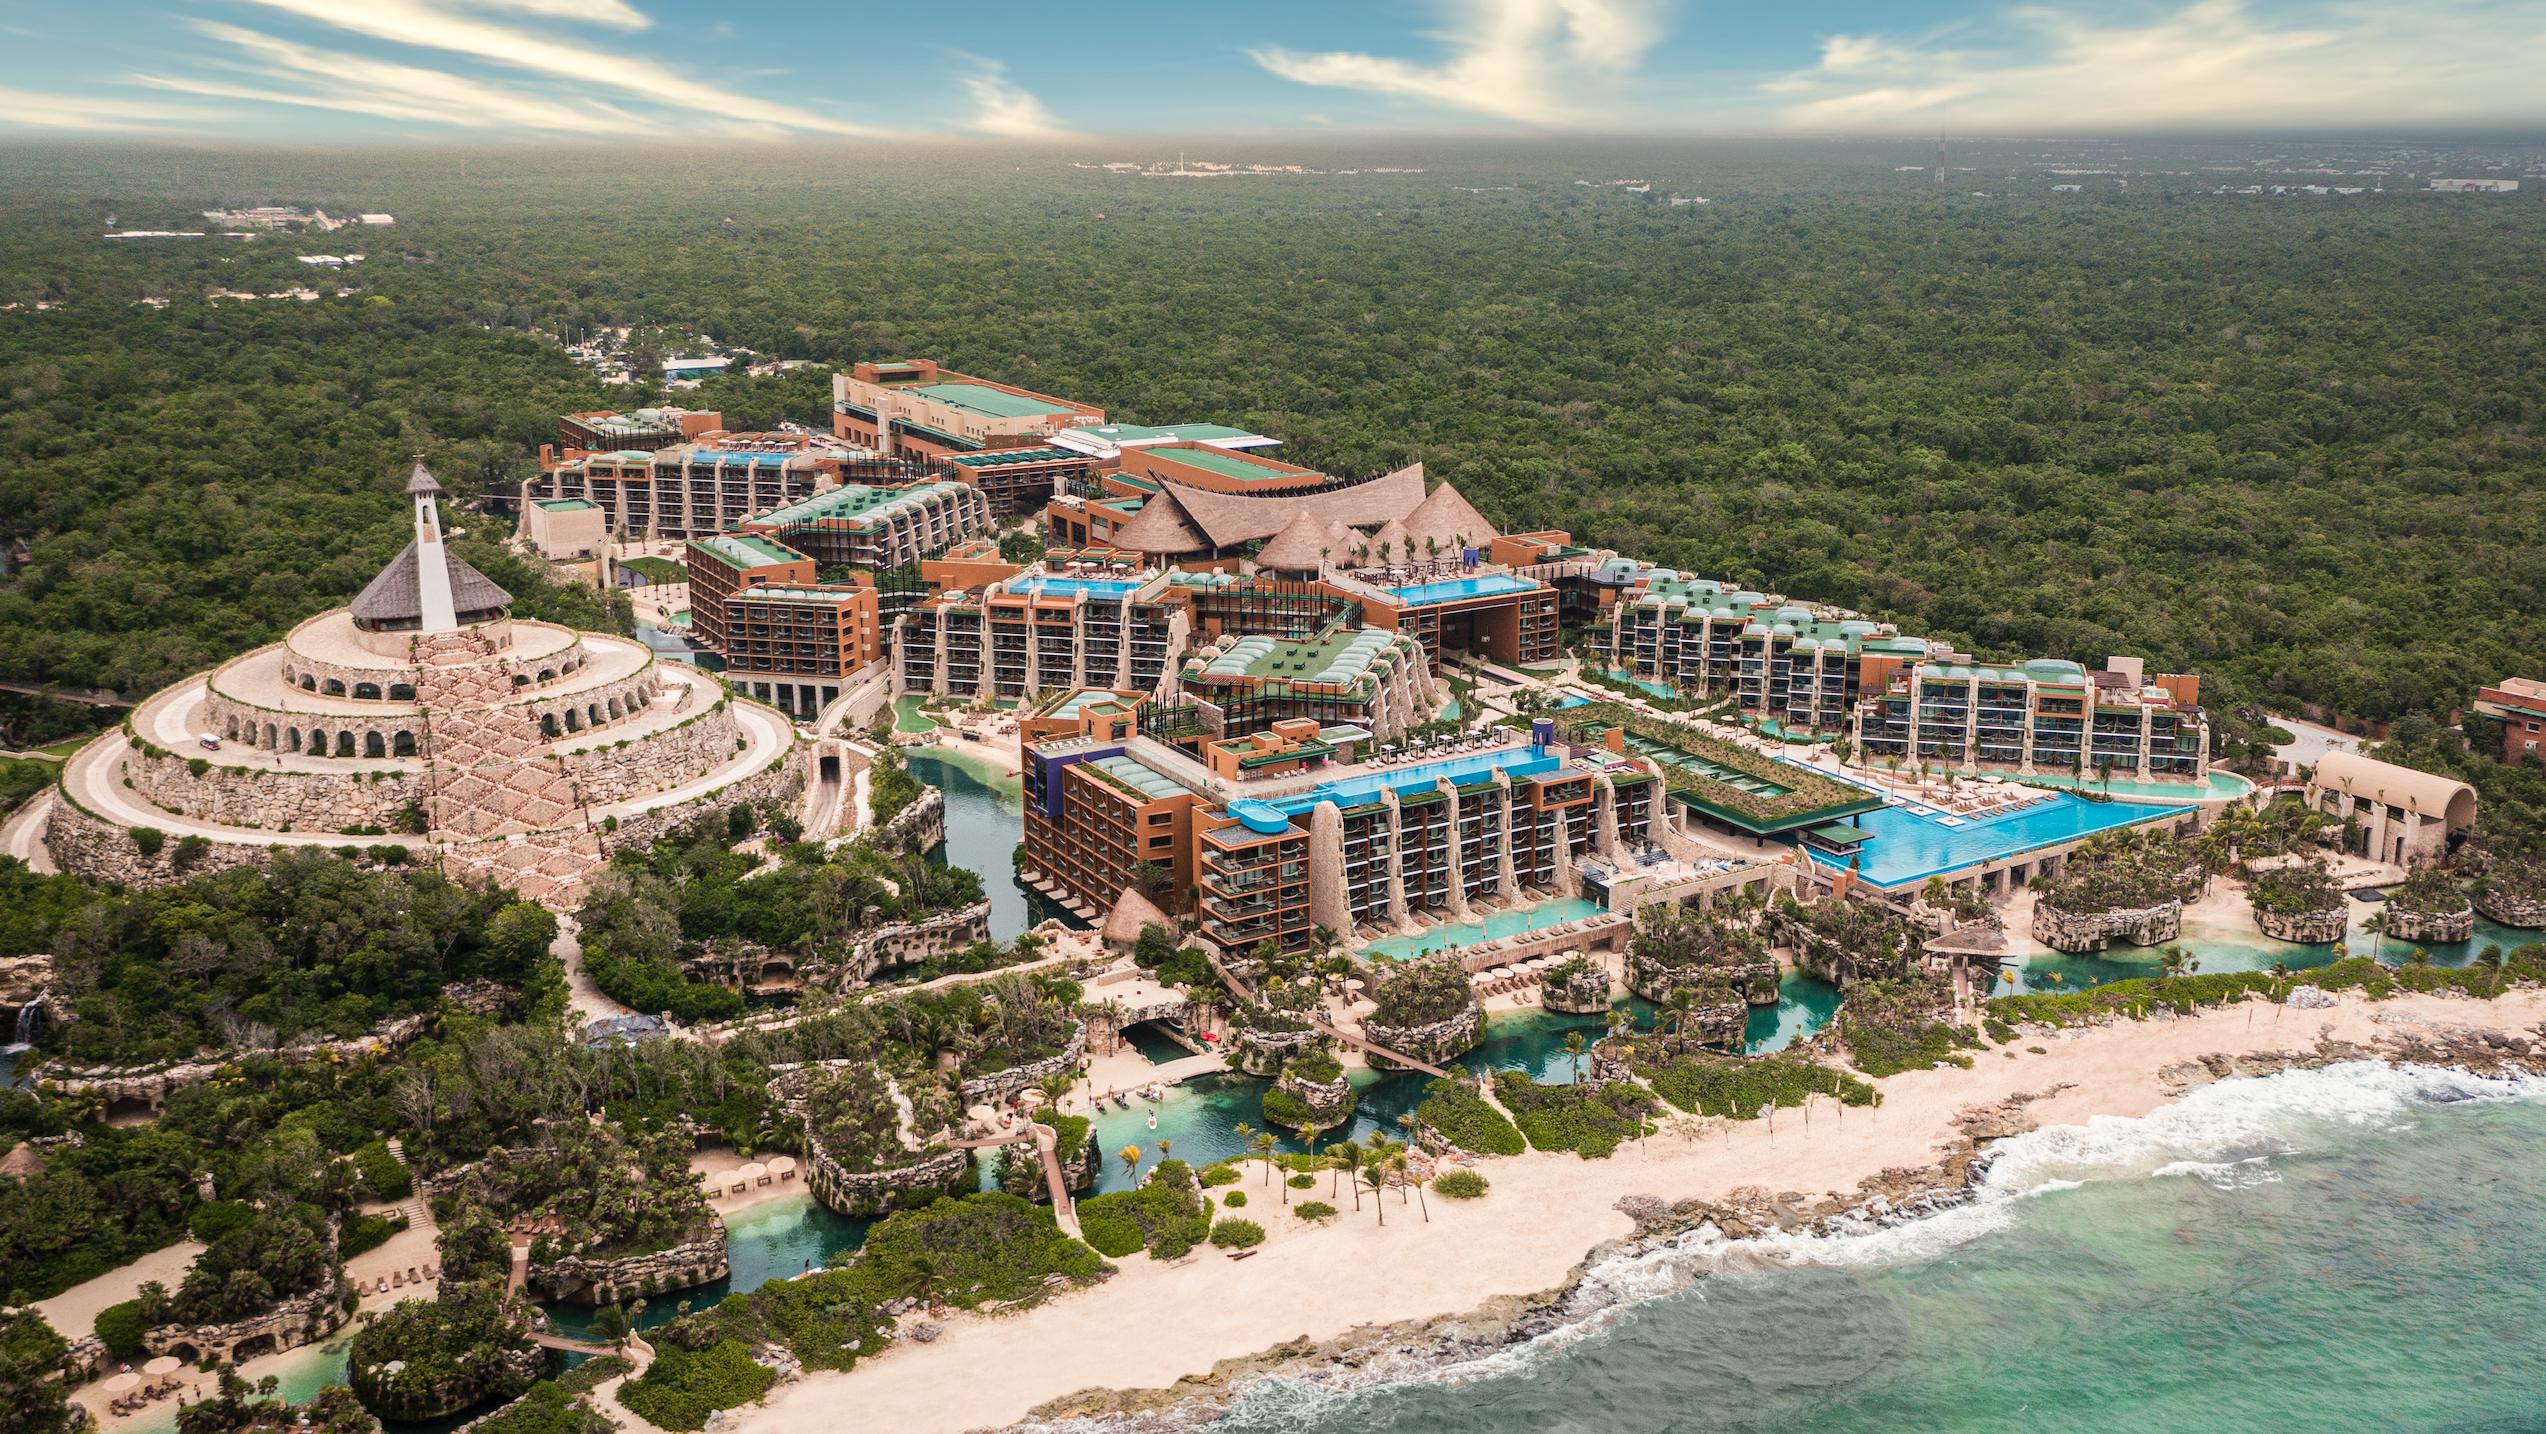 HOTEL XCARET ARTE, un nuevo hotspot solo adultos en la Riviera Maya